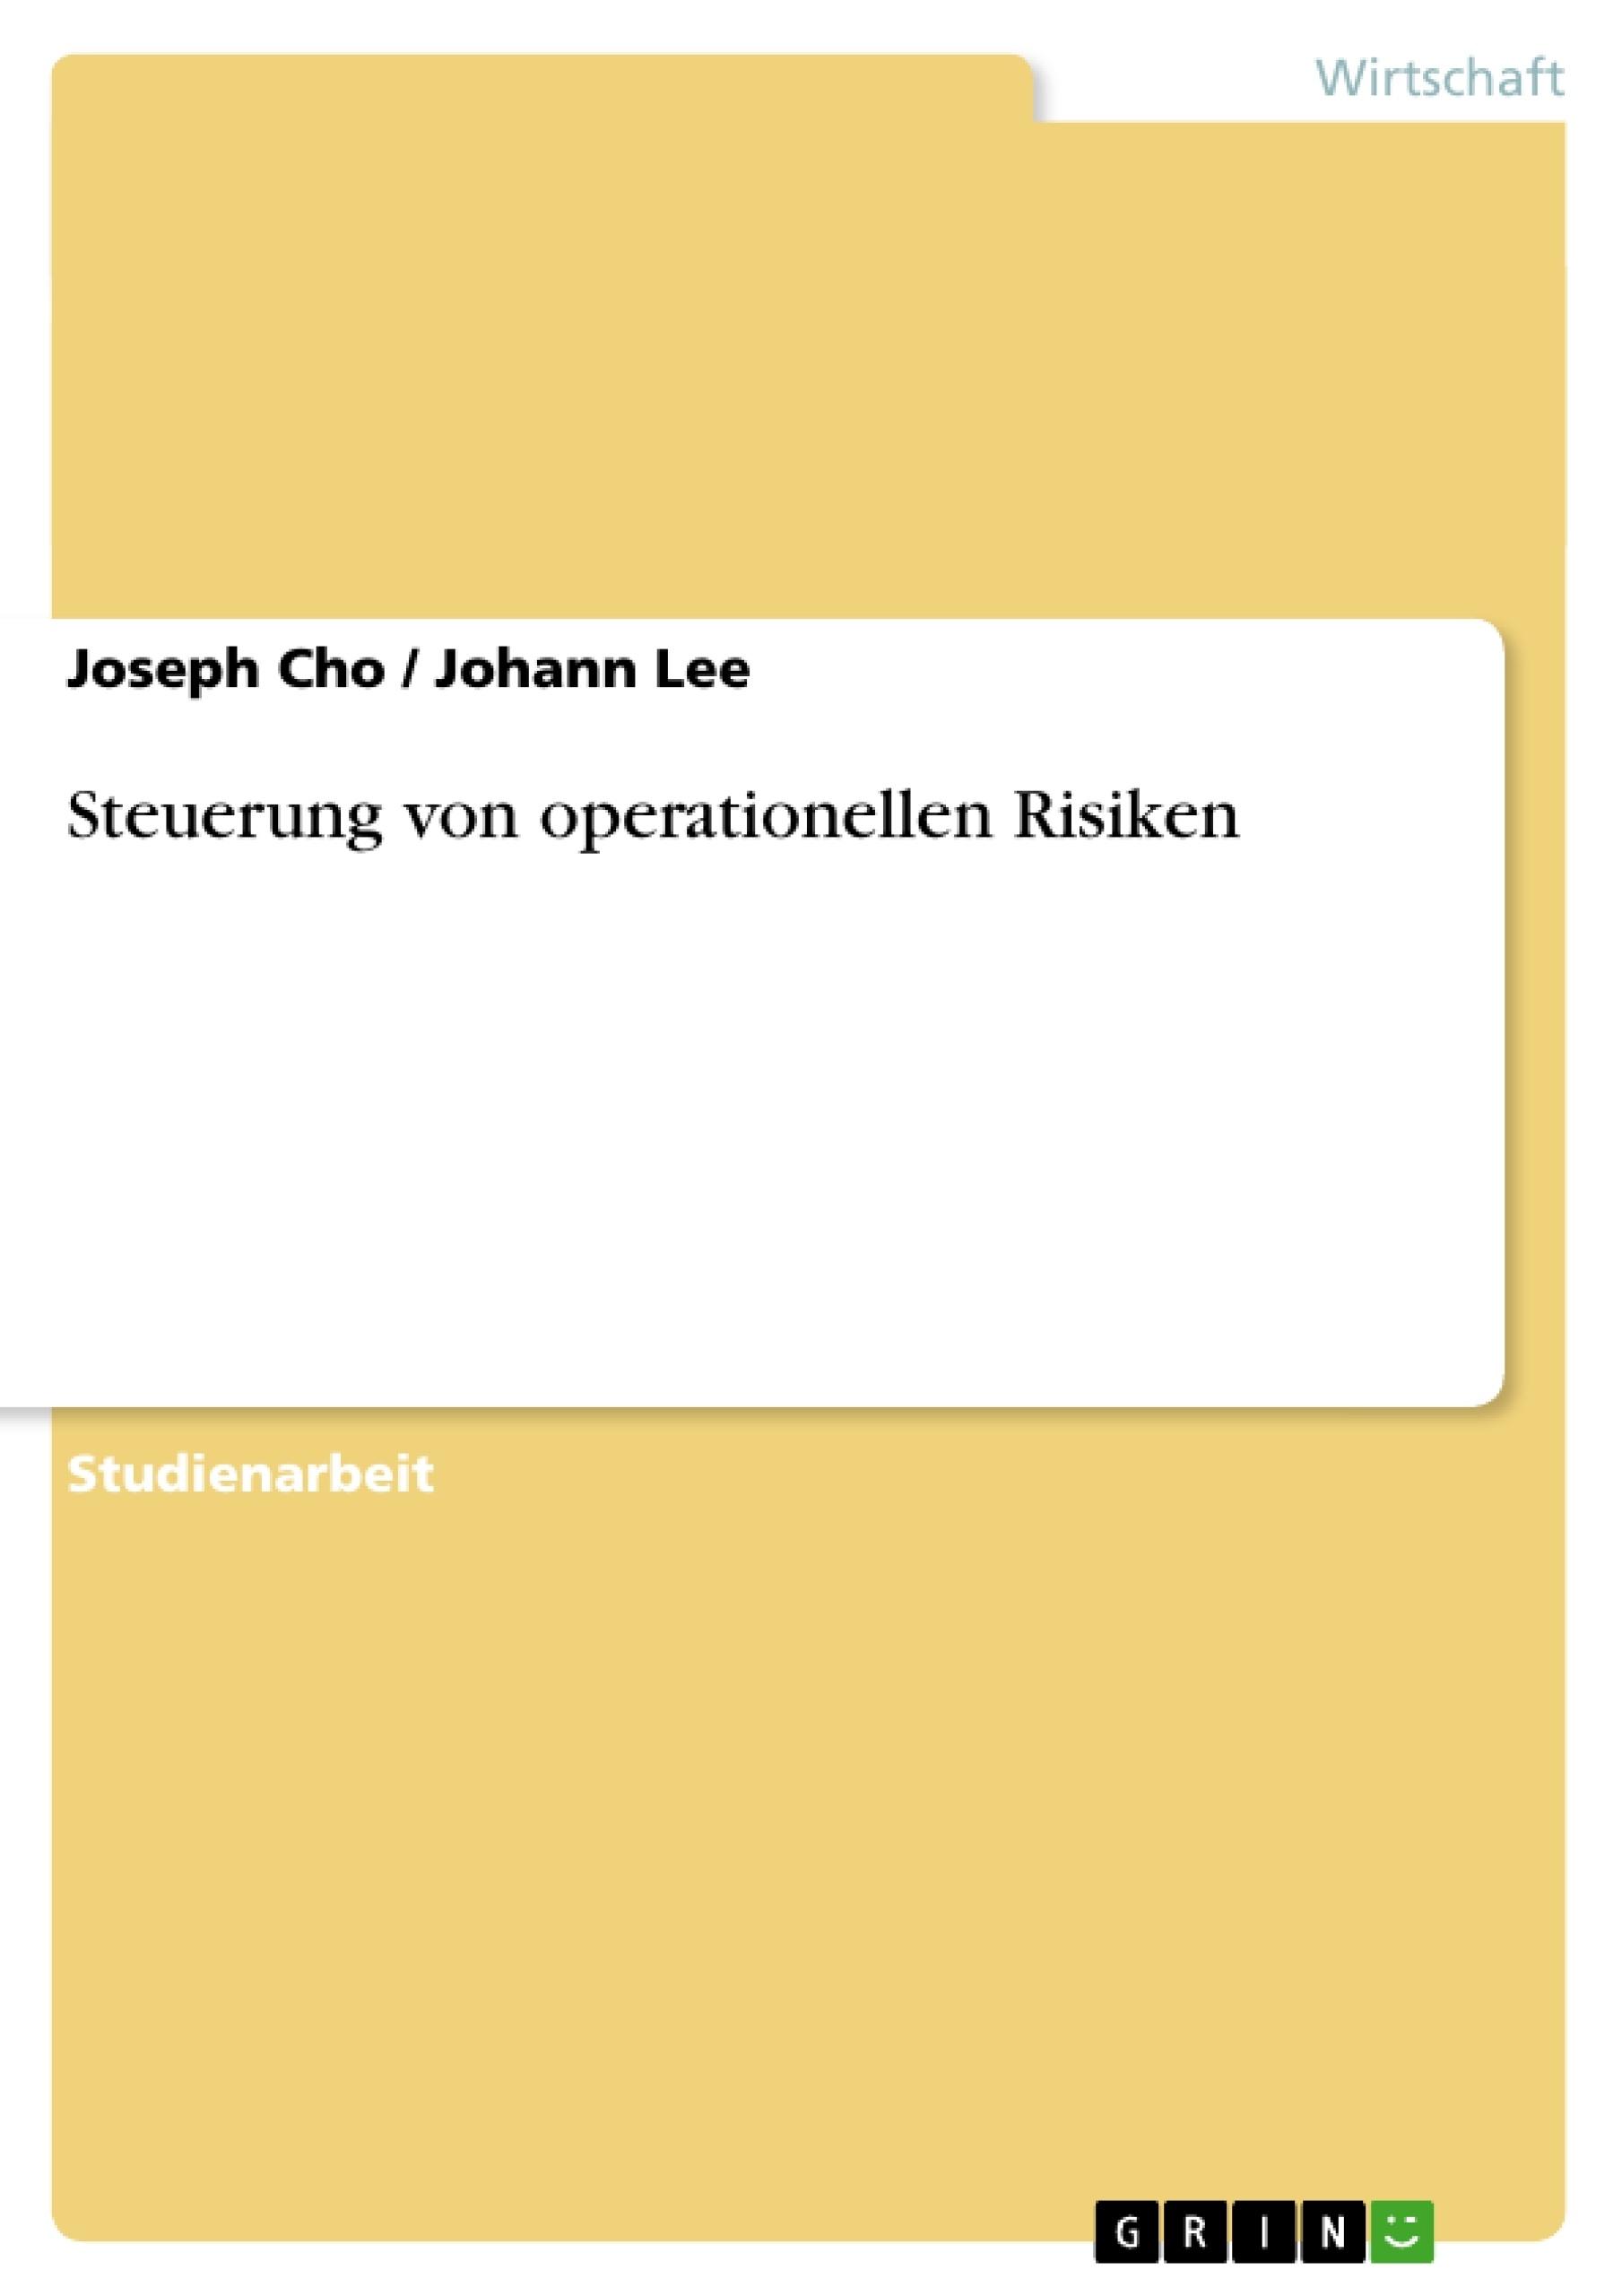 Titel: Steuerung von operationellen Risiken